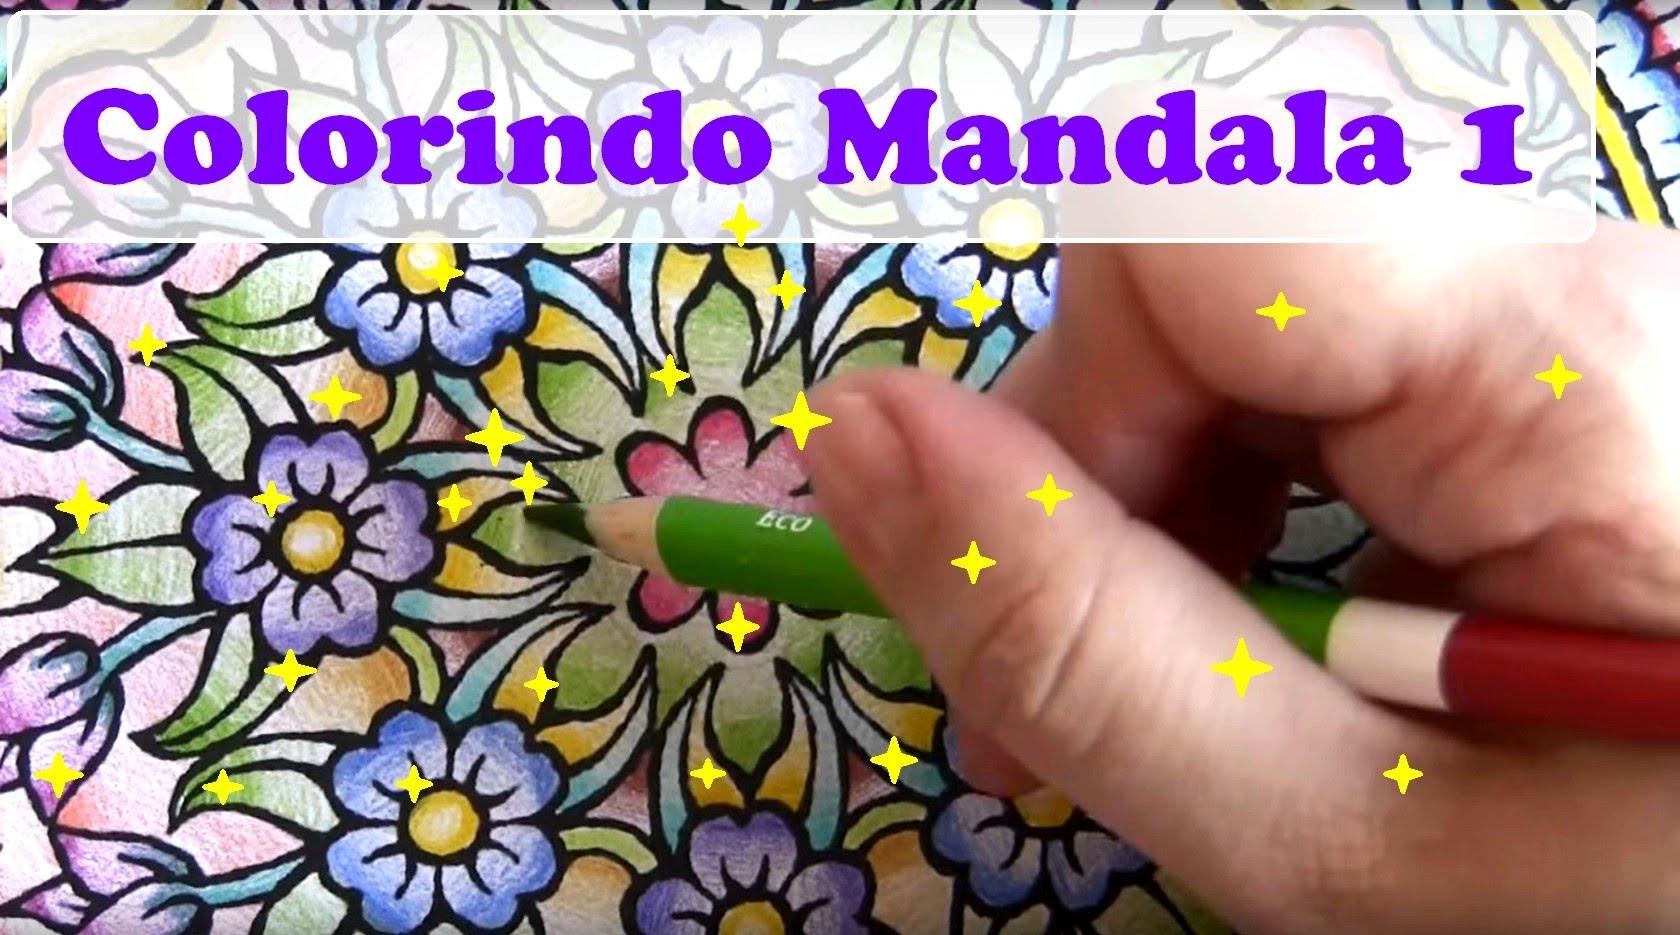 Como Colorir Mandalas Em DegradÊ